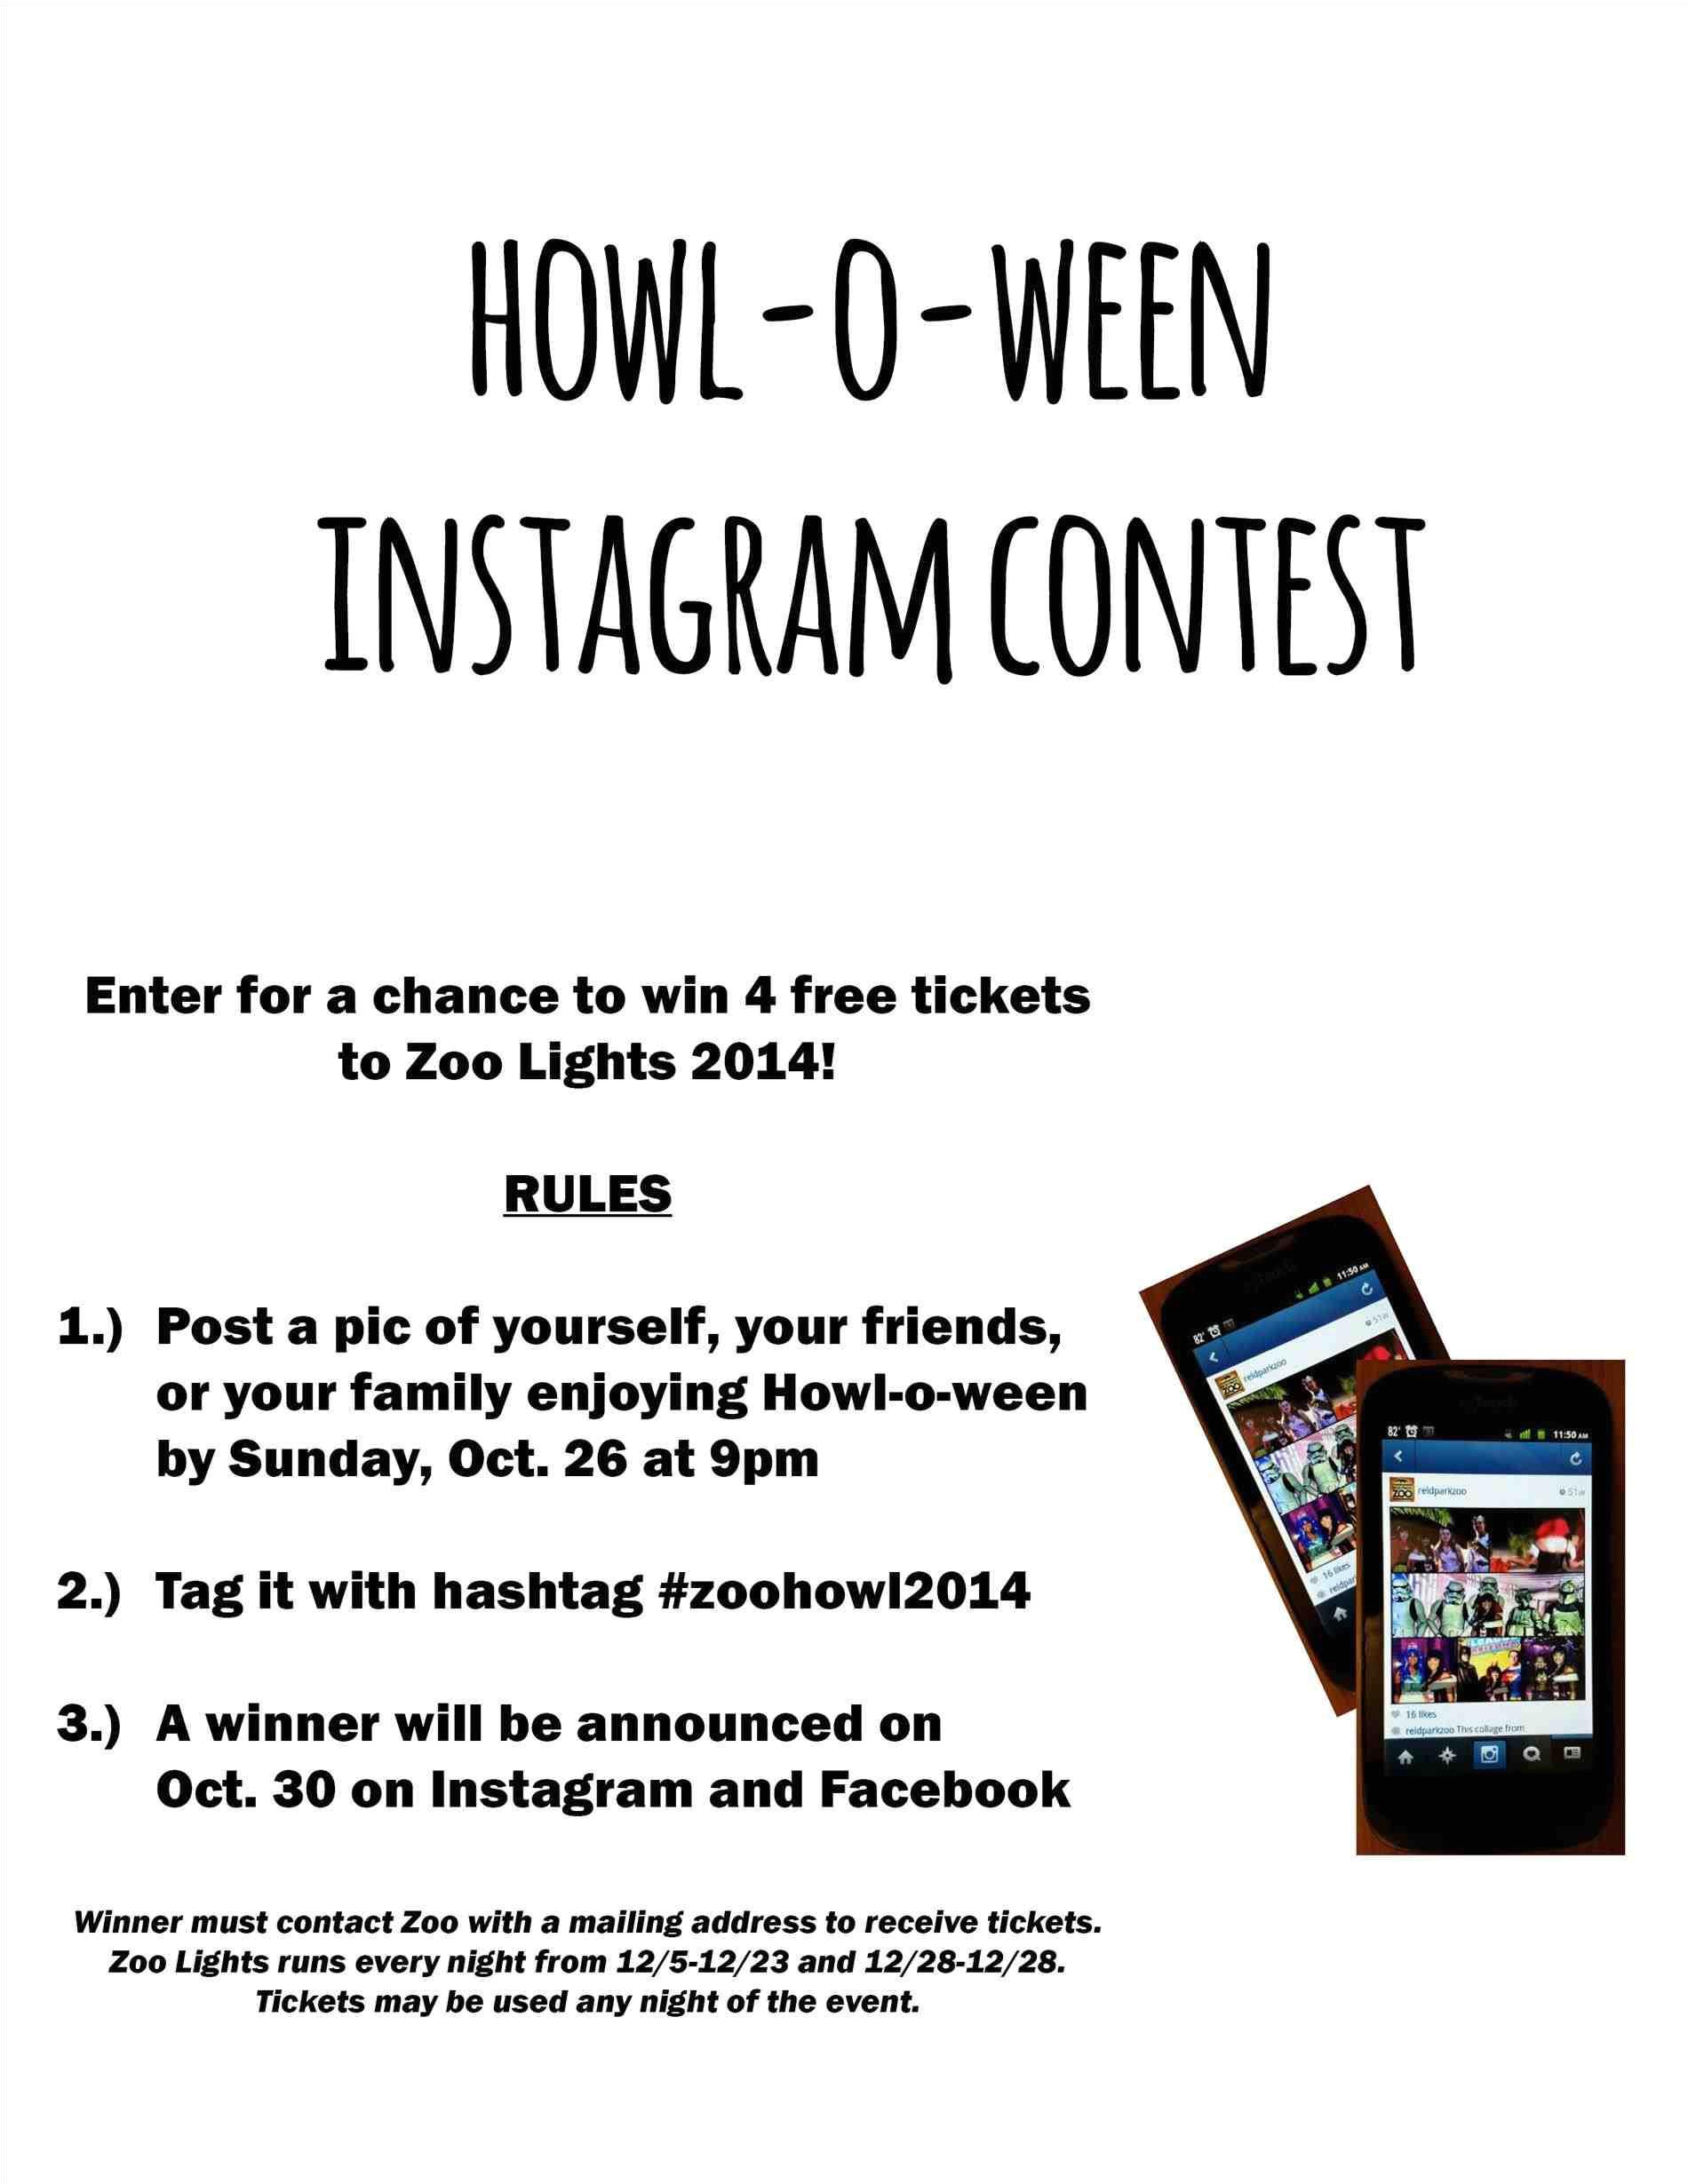 instagram giveaway rules template guidelinesinstagram